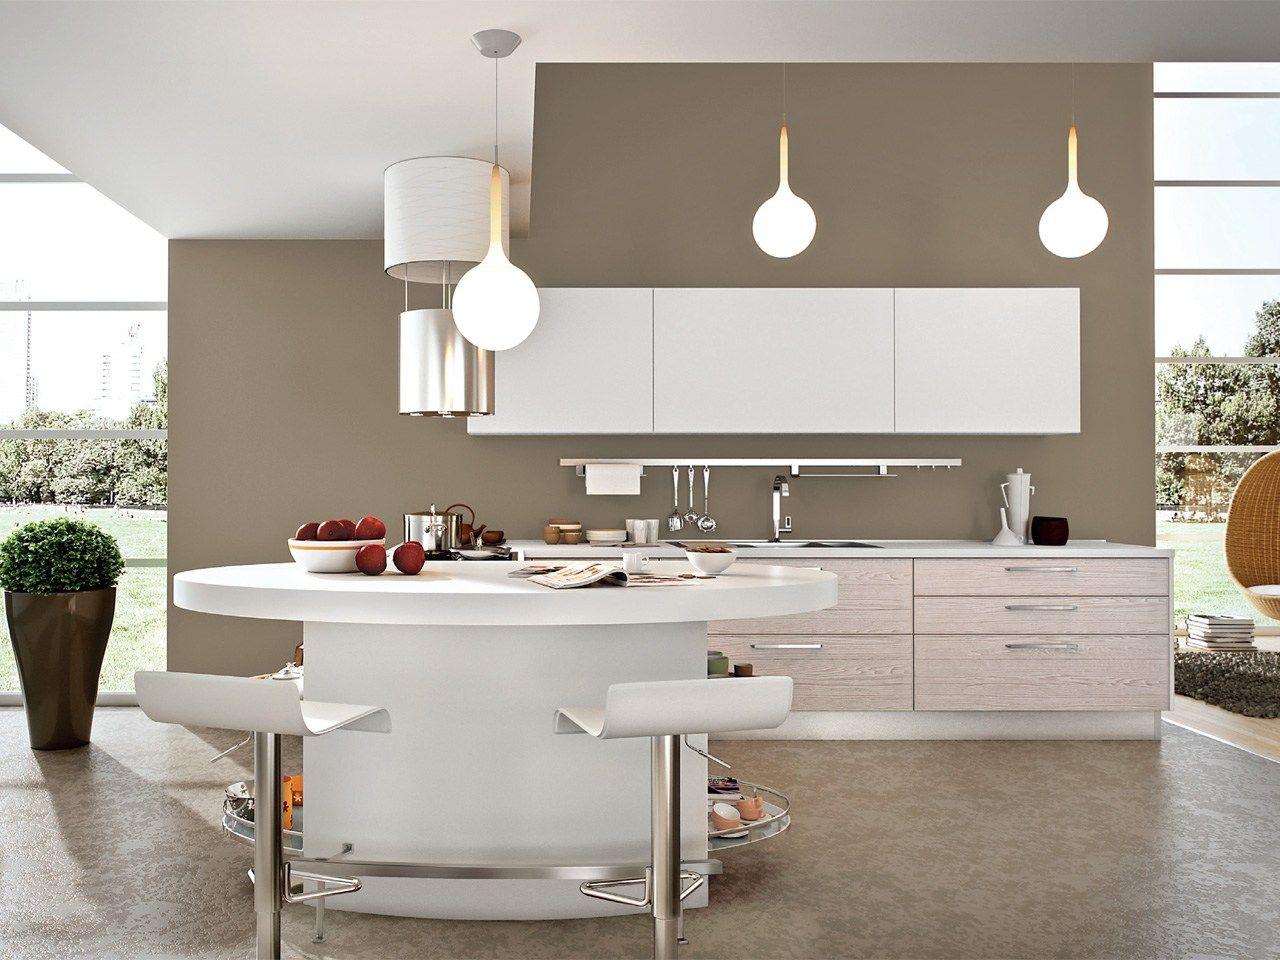 Cucina Componibile Laccata In Legno #9E5E2D 1280 960 Immagini Pitture E Colori Di Cucine In Muratura